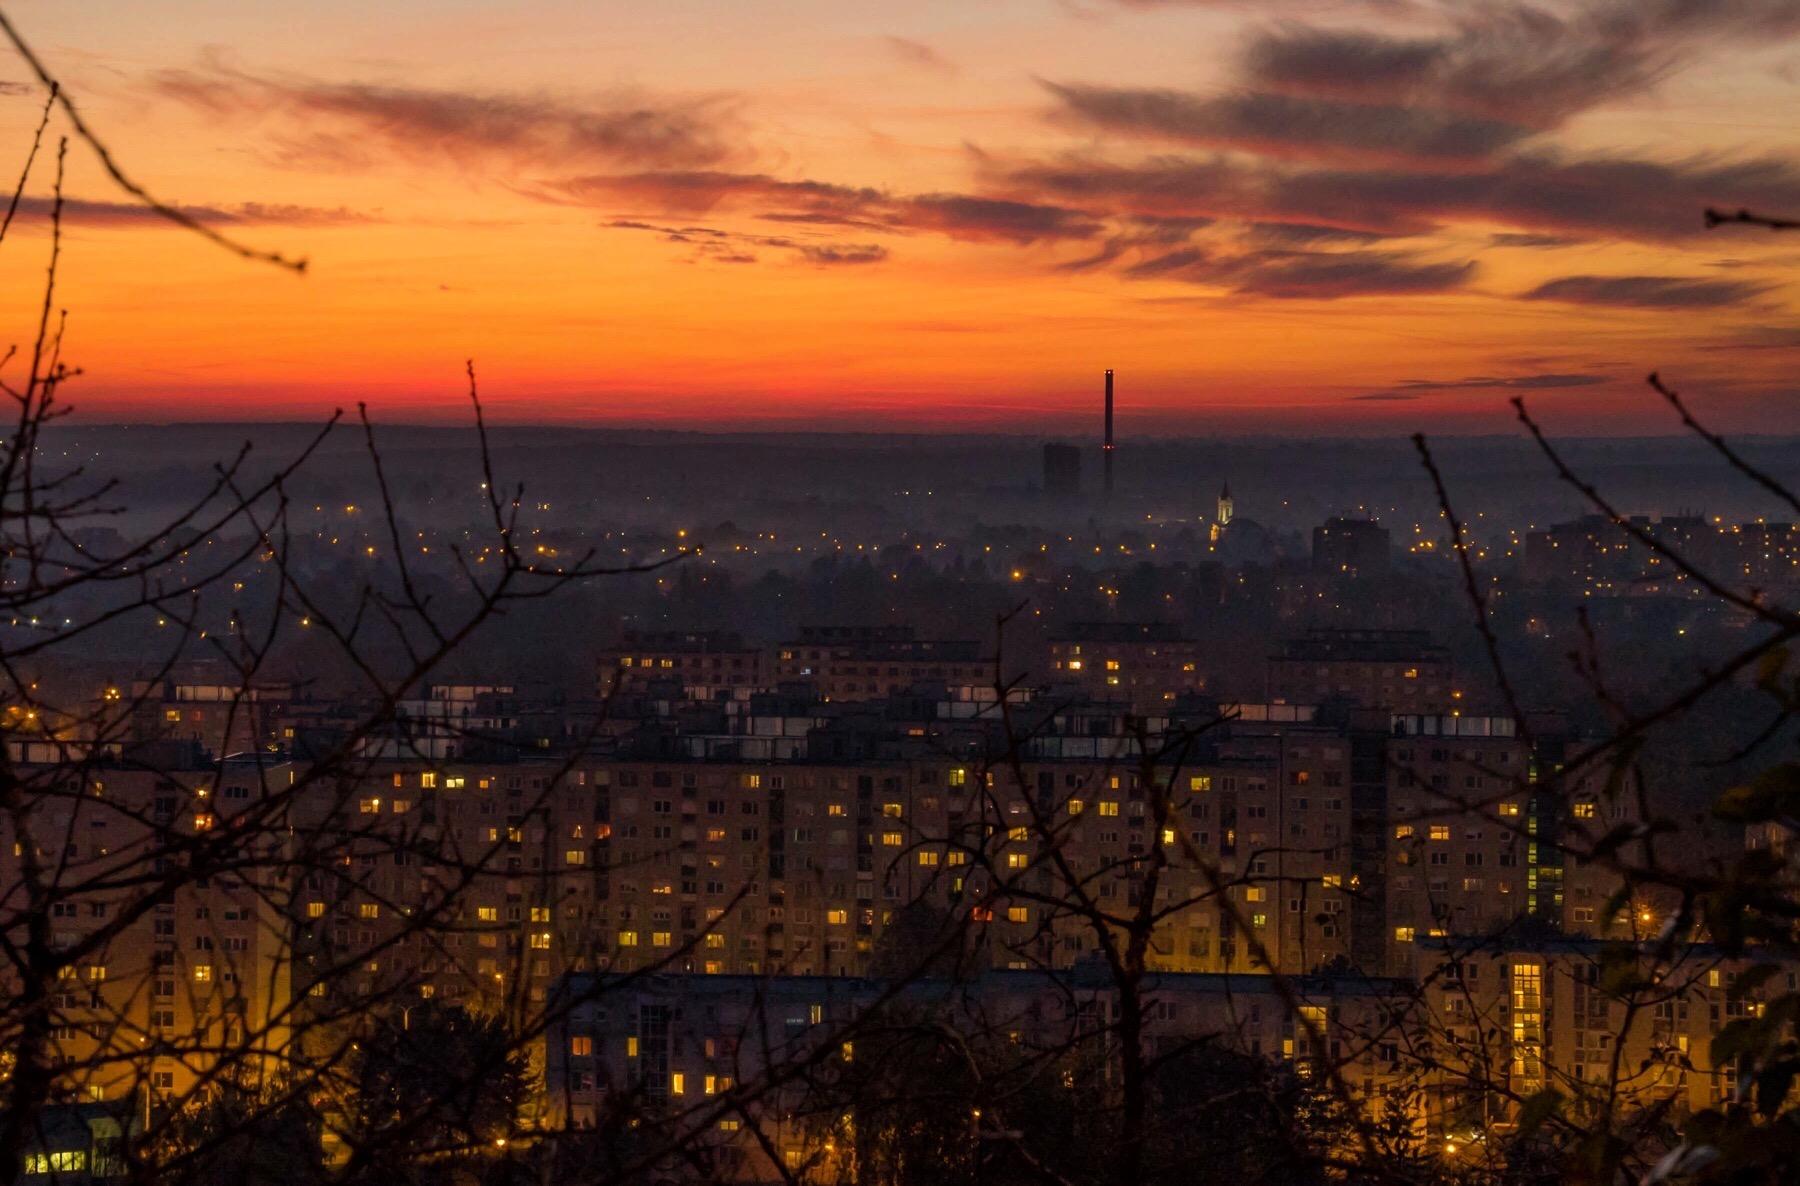 Sunset over Tatabanya, Hungary